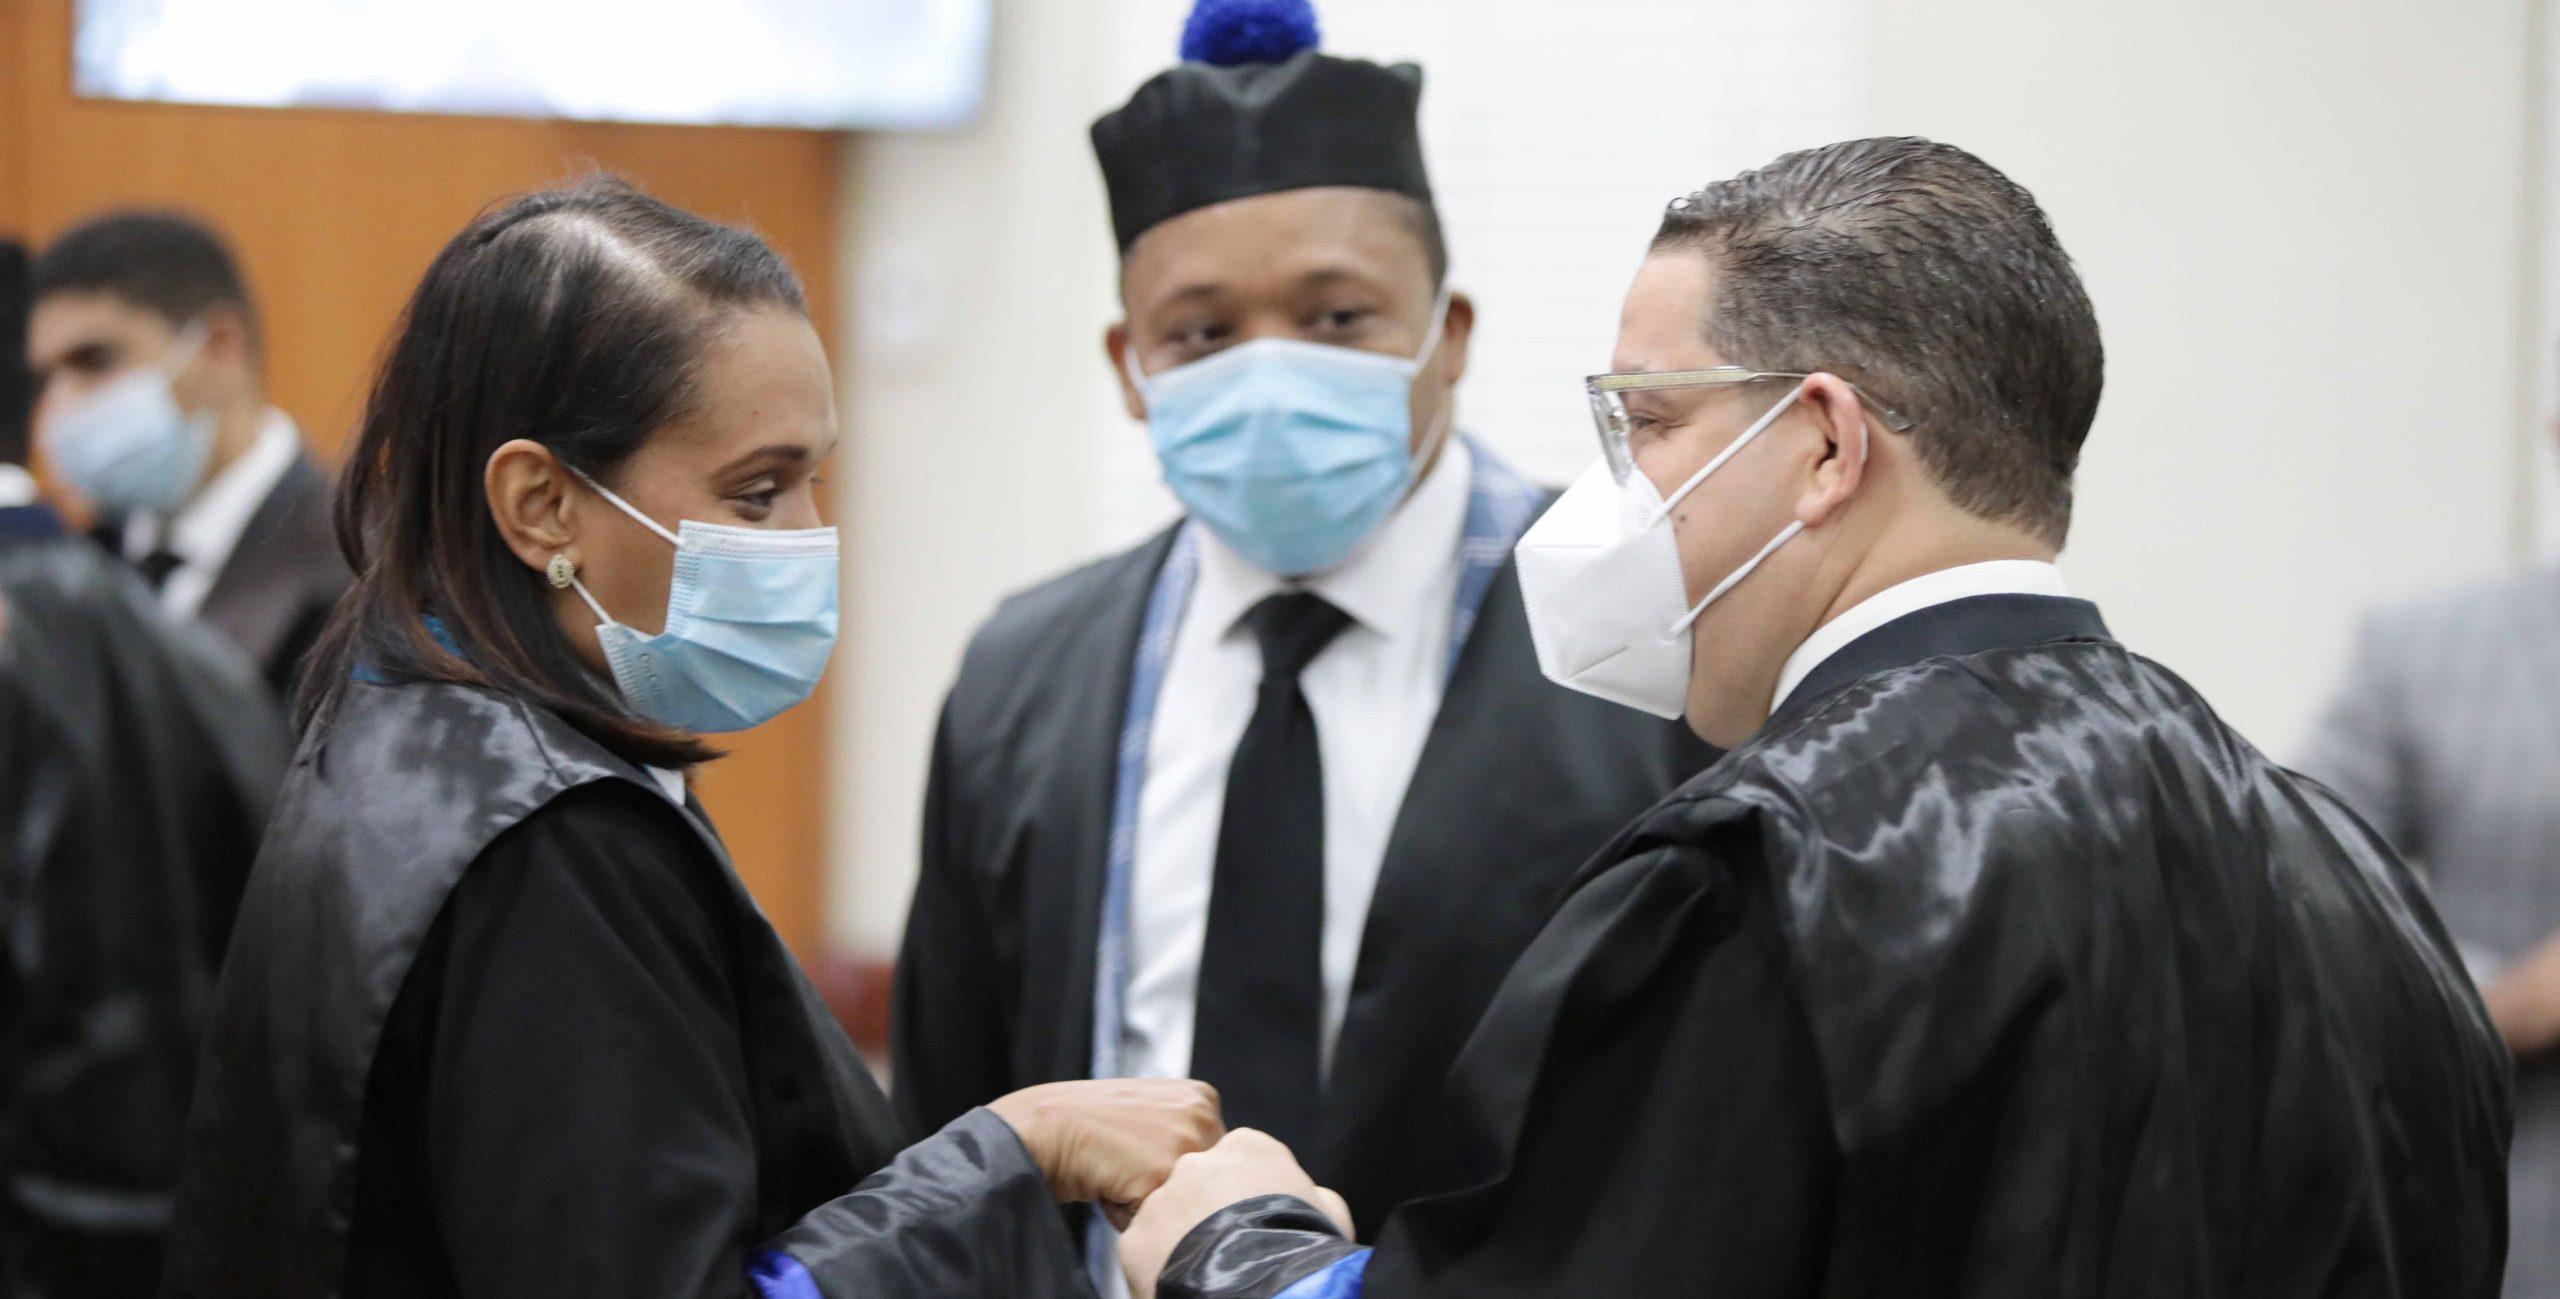 El Ministerio Público sigue firme y en espera de una condena que garantice cero impunidad en el Caso Odebrecht